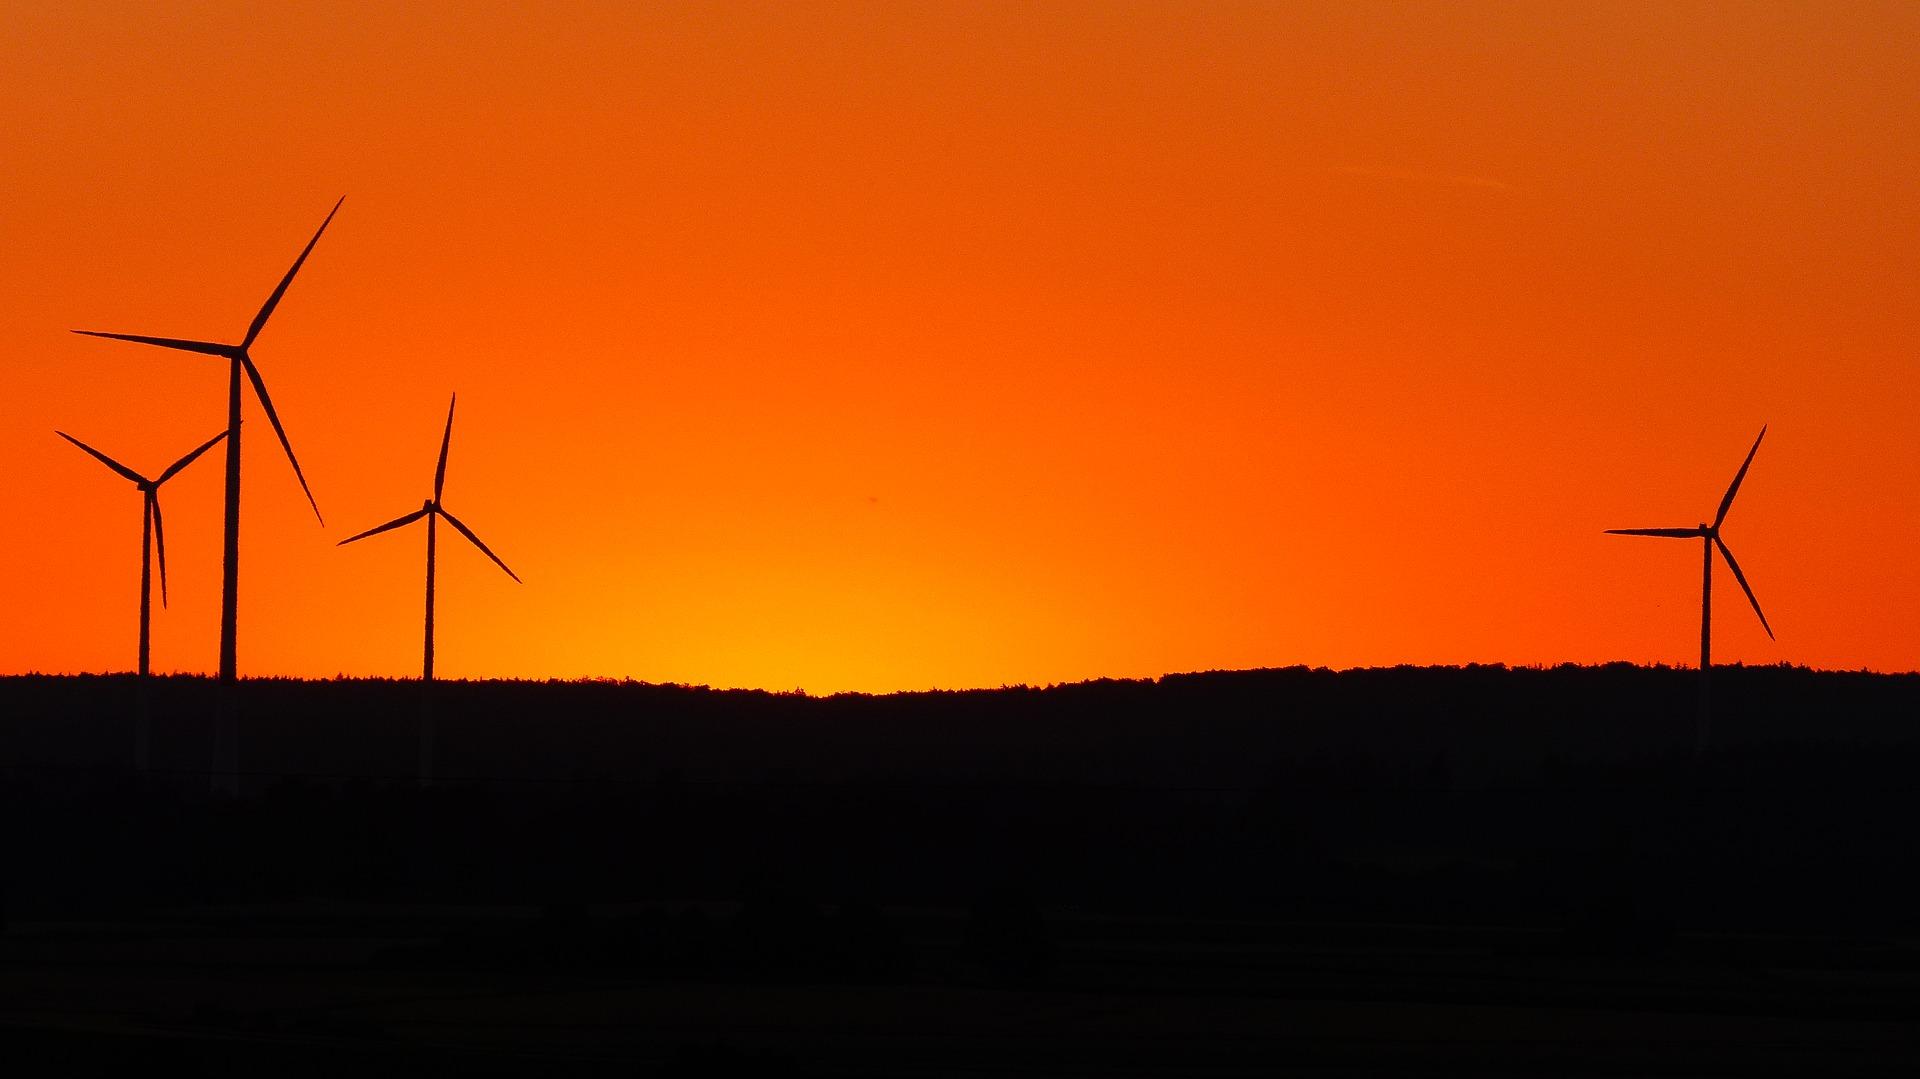 Ohne die Windenergie werden wir die Energiewende nicht schaffen